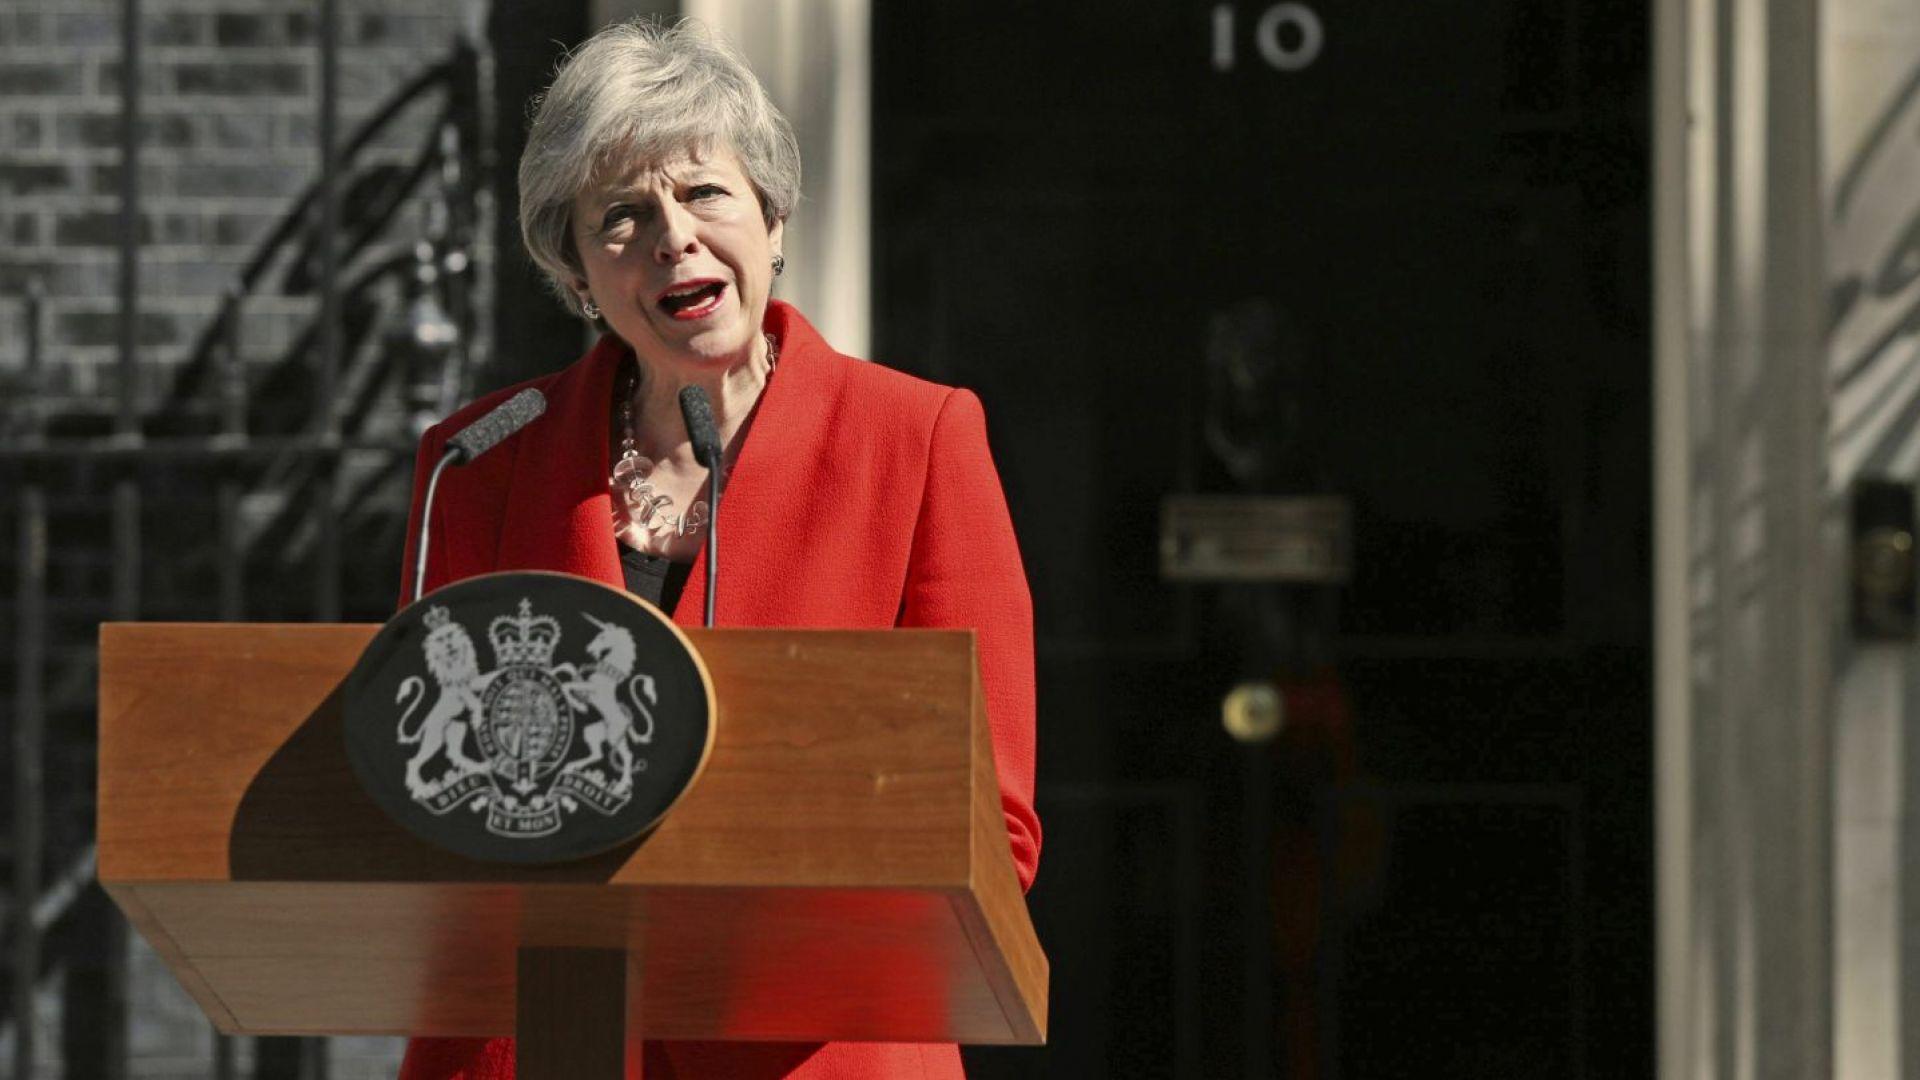 Тереза Мей остава депутат, след като напусне премиерския пост